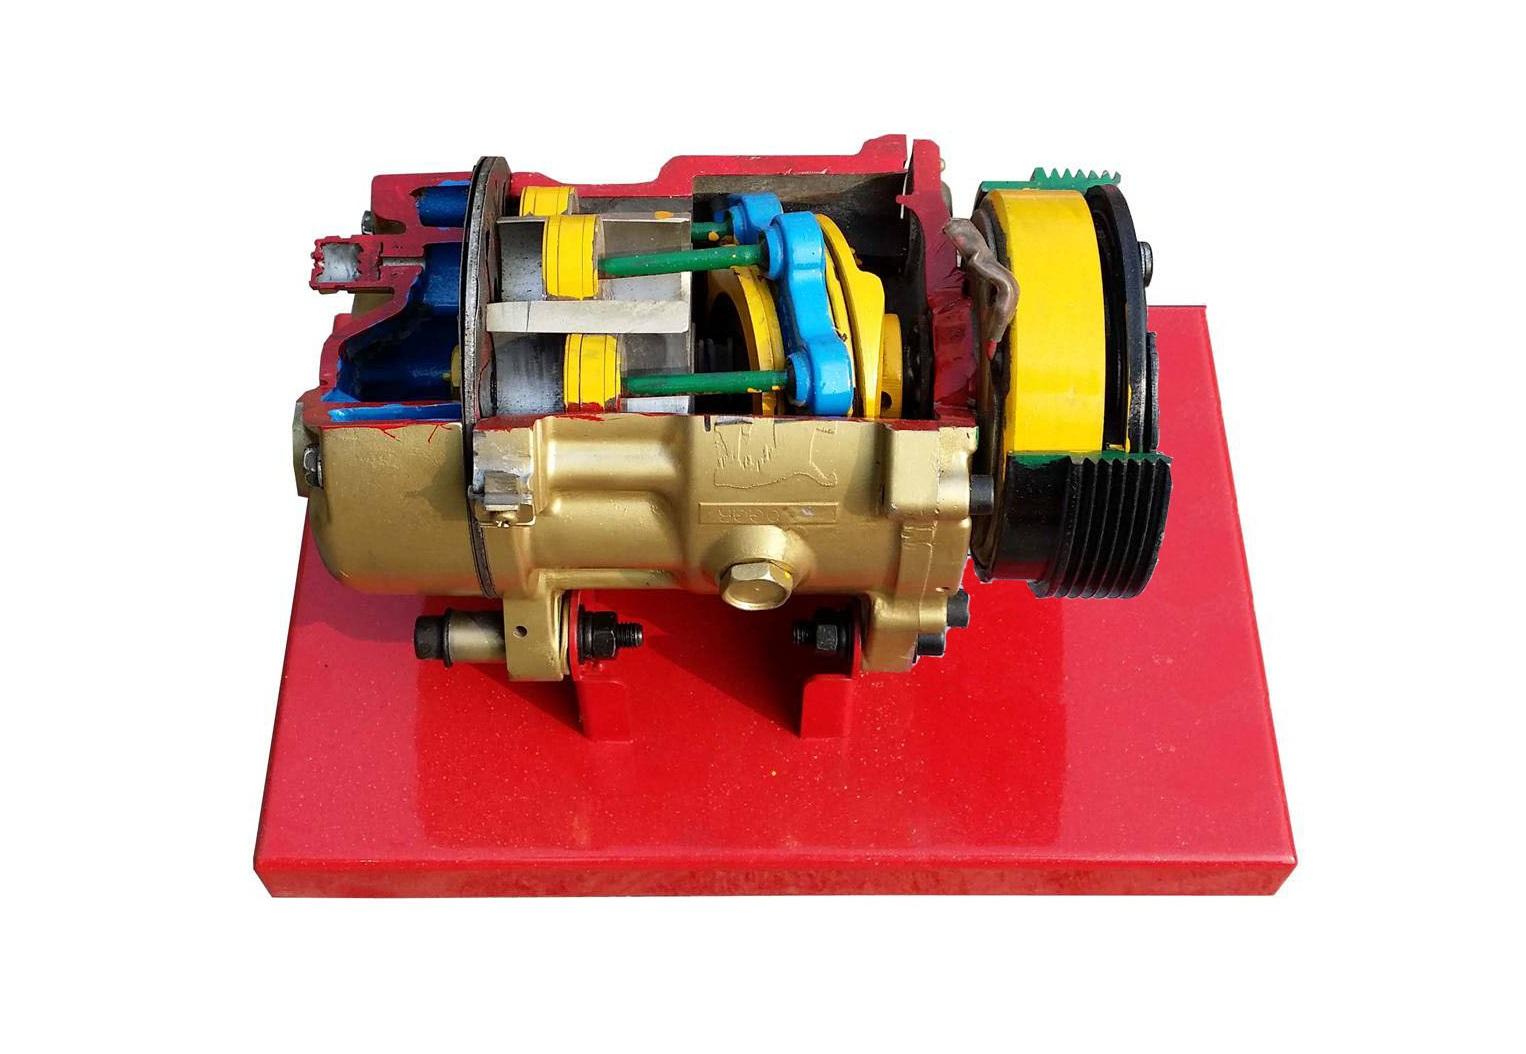 汽车空调压缩机解剖模型